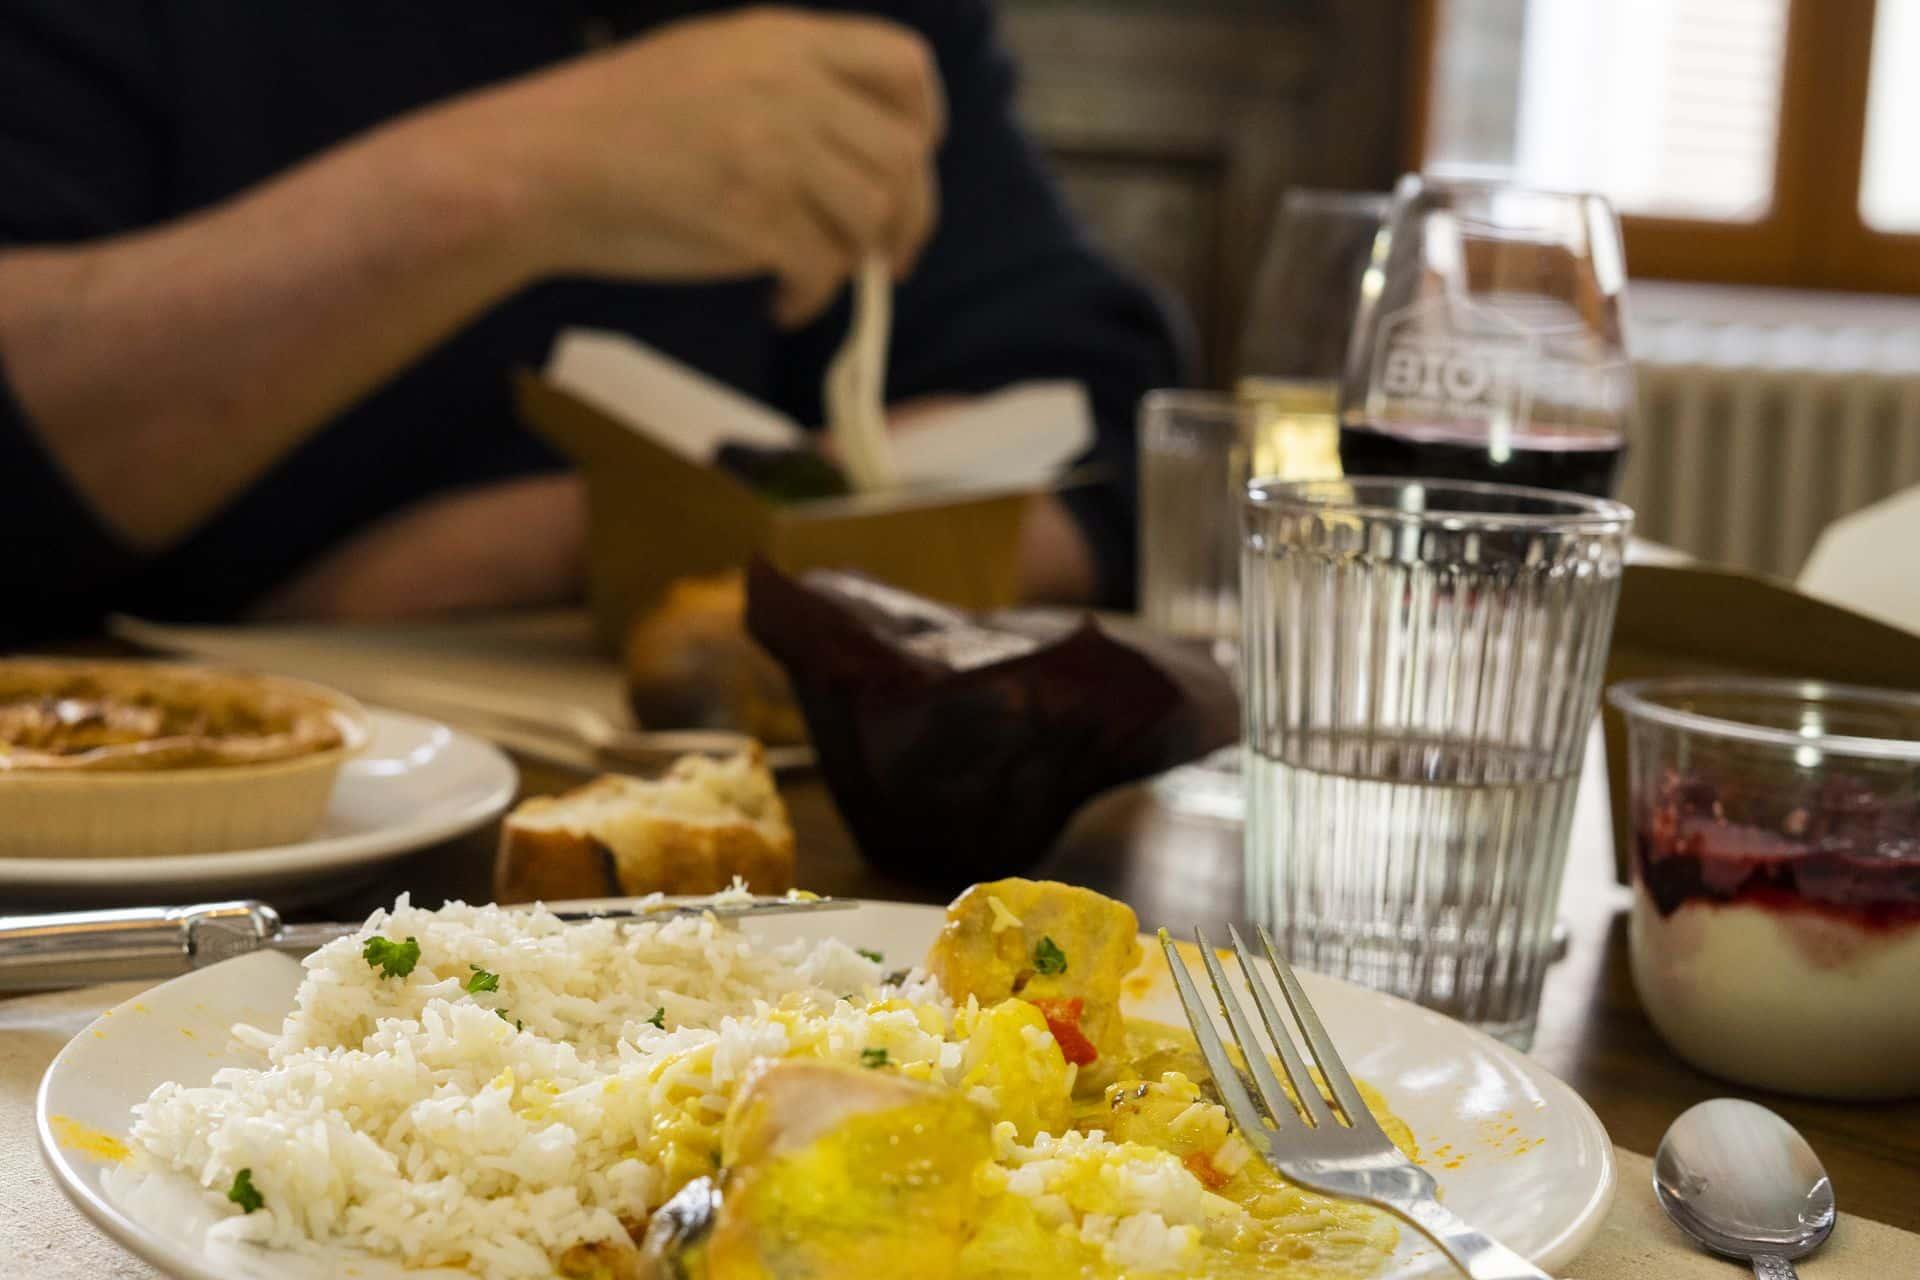 La popotte du jour-plats frais livres a Tupin et Semons 2